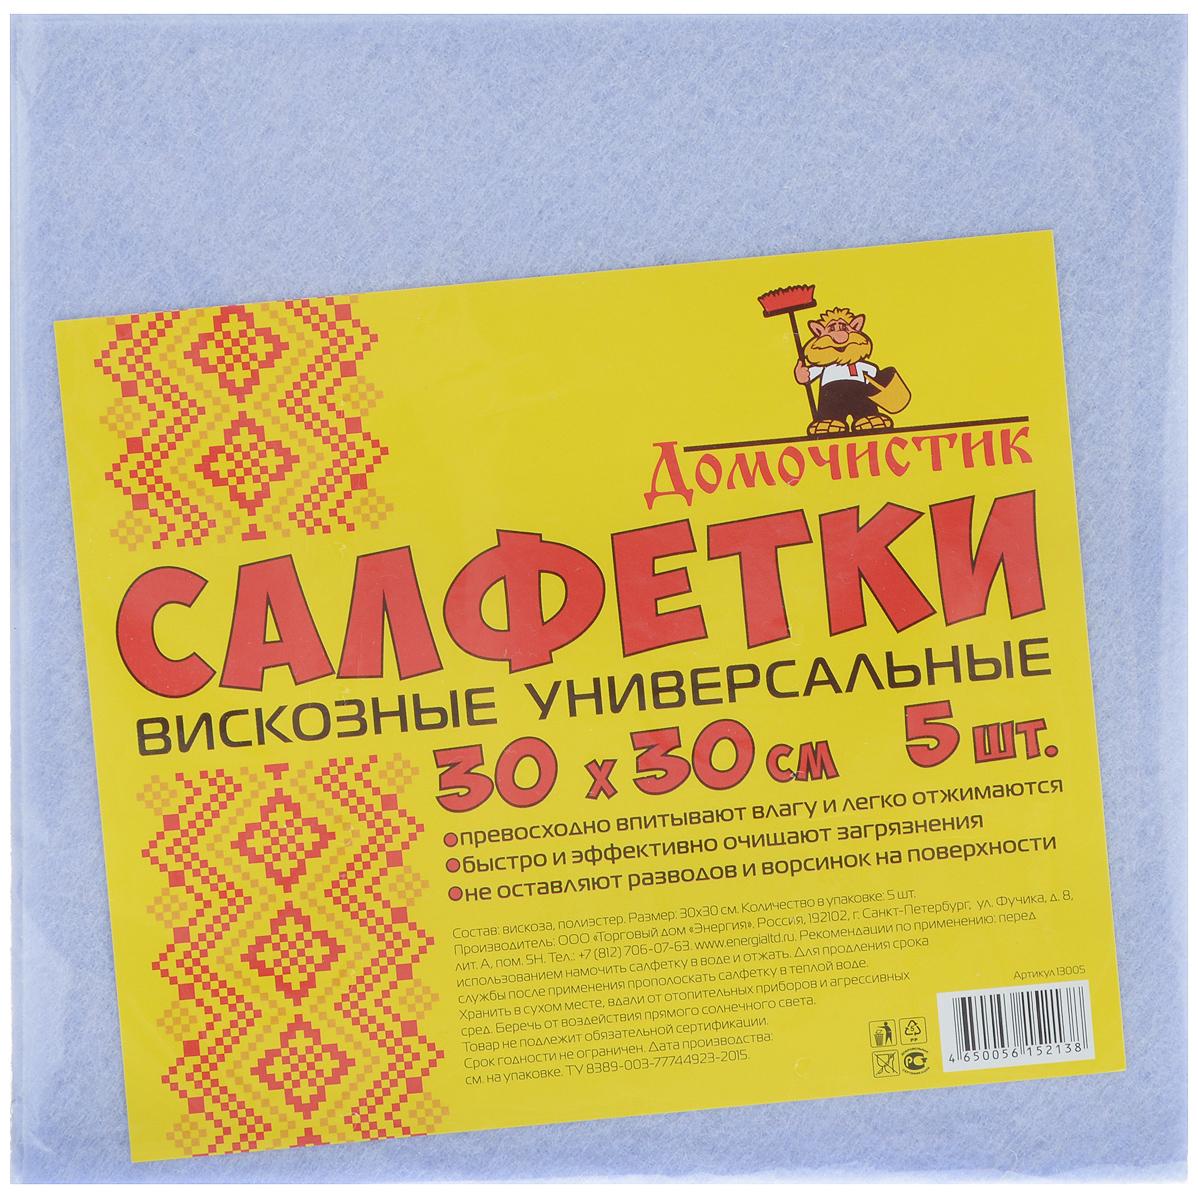 салфетки для уборки valiant салфетка для уборки 30 30 см оранжевая шт Салфетка для уборки Домочистик, универсальная, цвет: сиреневый, 30 x 30 см, 5 шт